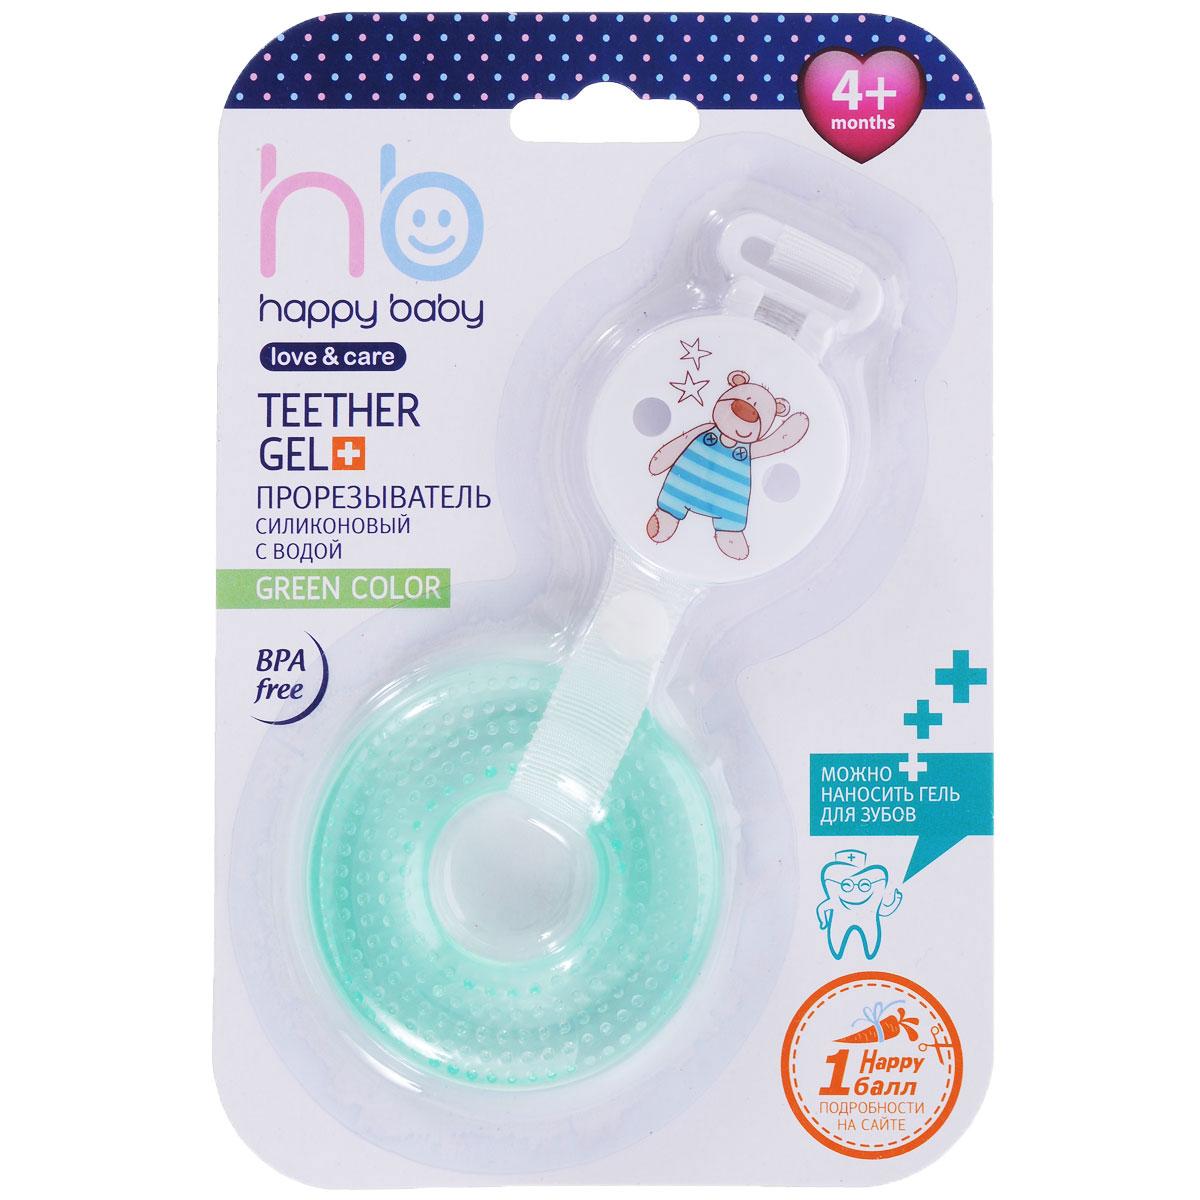 Прорезыватель для зубов Happy Baby, силиконовый, с водой, цвет: светло-зеленый20004_св. ЗеленыйПрорезыватель для зубов Happy Baby необходим в период, когда у малыша начинают резаться зубки для того, чтобы ваш малыш не чувствовал дискомфорт. Прорезыватель изготовлен из безопасных, нетоксичных материалов. Он мягко массирует десны, имеет эргономичную форму. Проникает в труднодоступные места ротовой полости. Усиливает слюноотделение и предотвращает кариес. В случае необходимости на него можно нанести гель для зубов. Прорезыватель с помощью клипсы легко пристегивается к нагруднику, одежде ребенка или коляске.